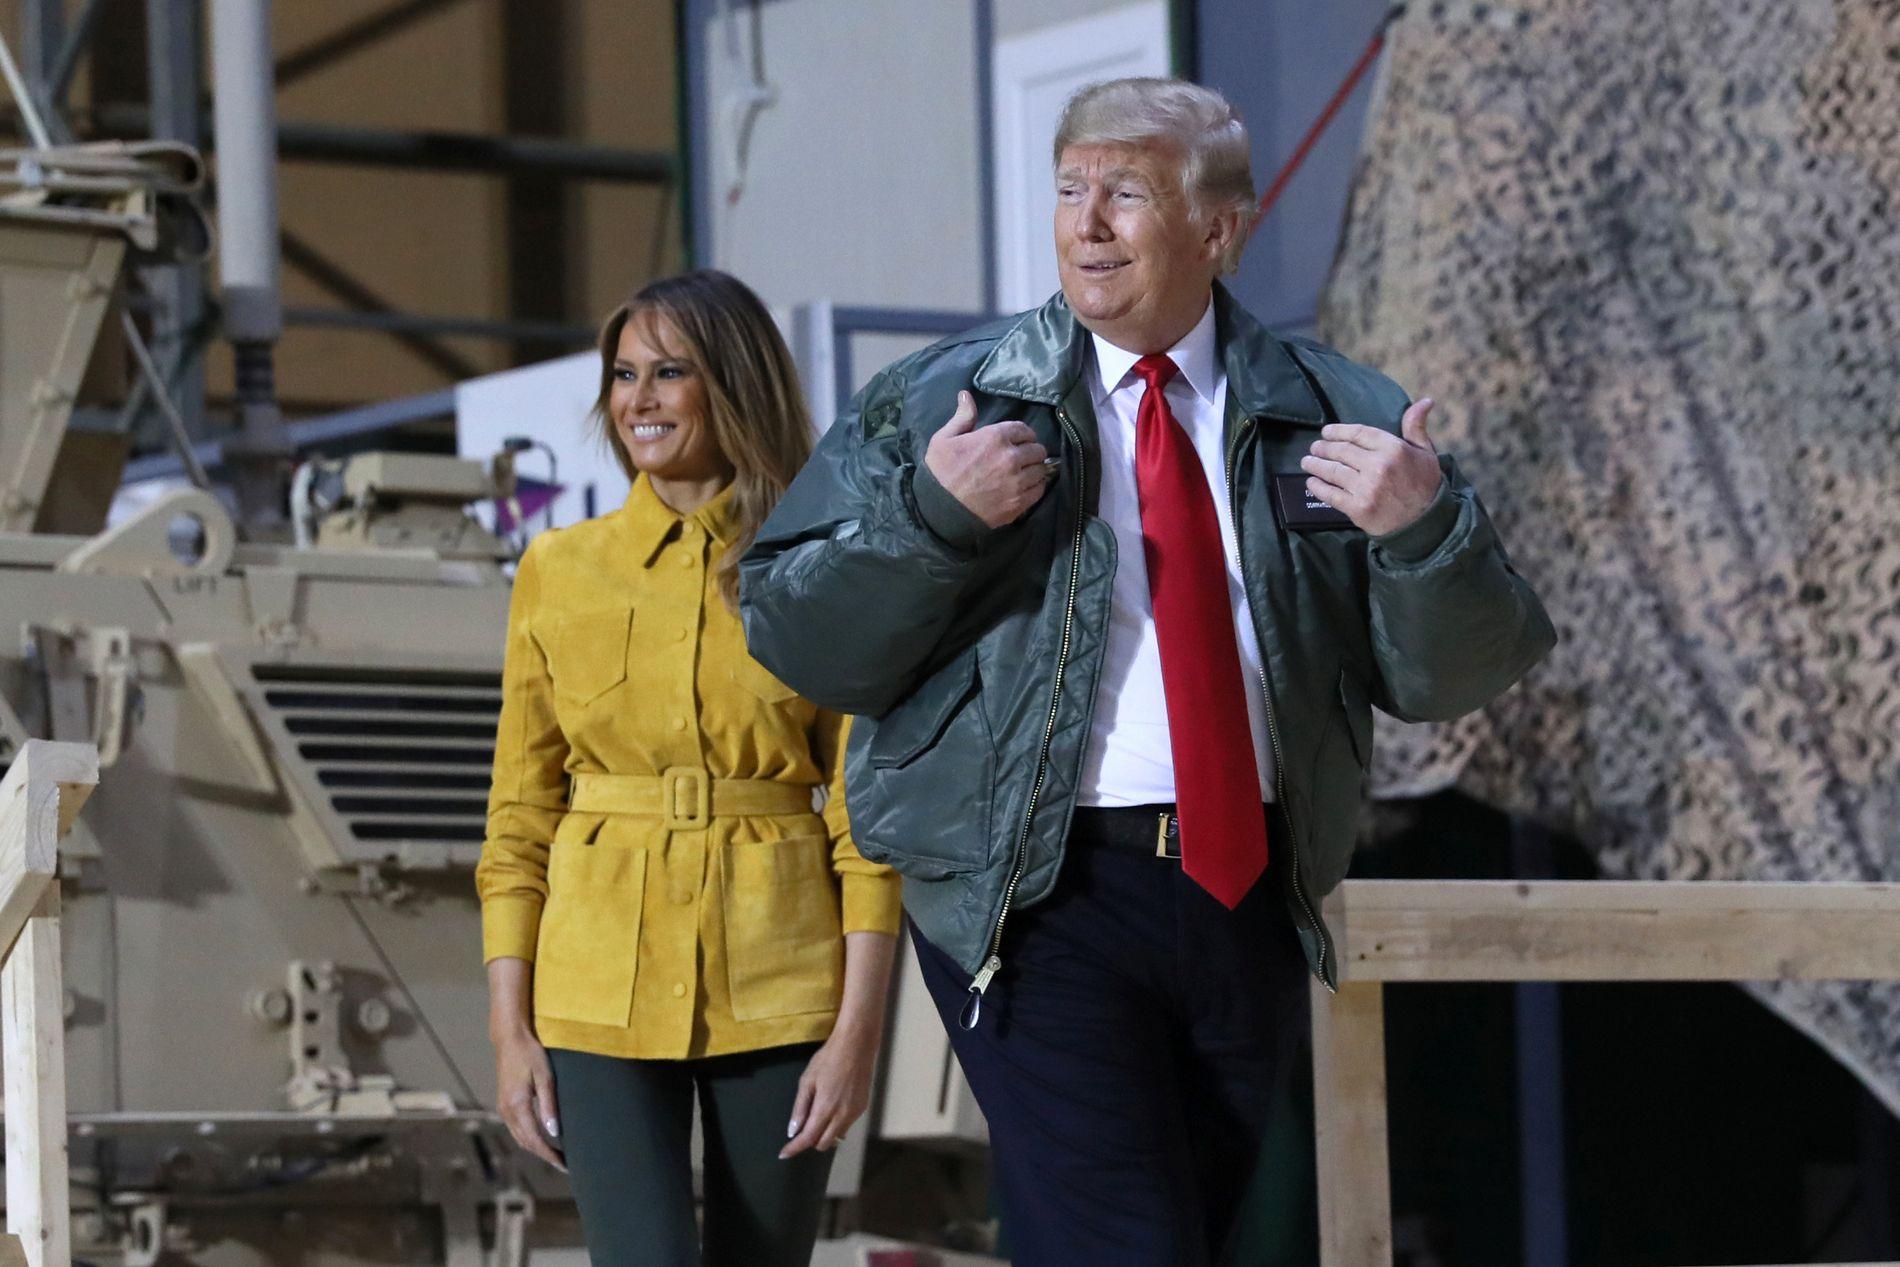 UVENTET BESØK: President Donald Trump og førstedame Melania Trump kom på overraskelsesbesøk til Irak andre juledag.